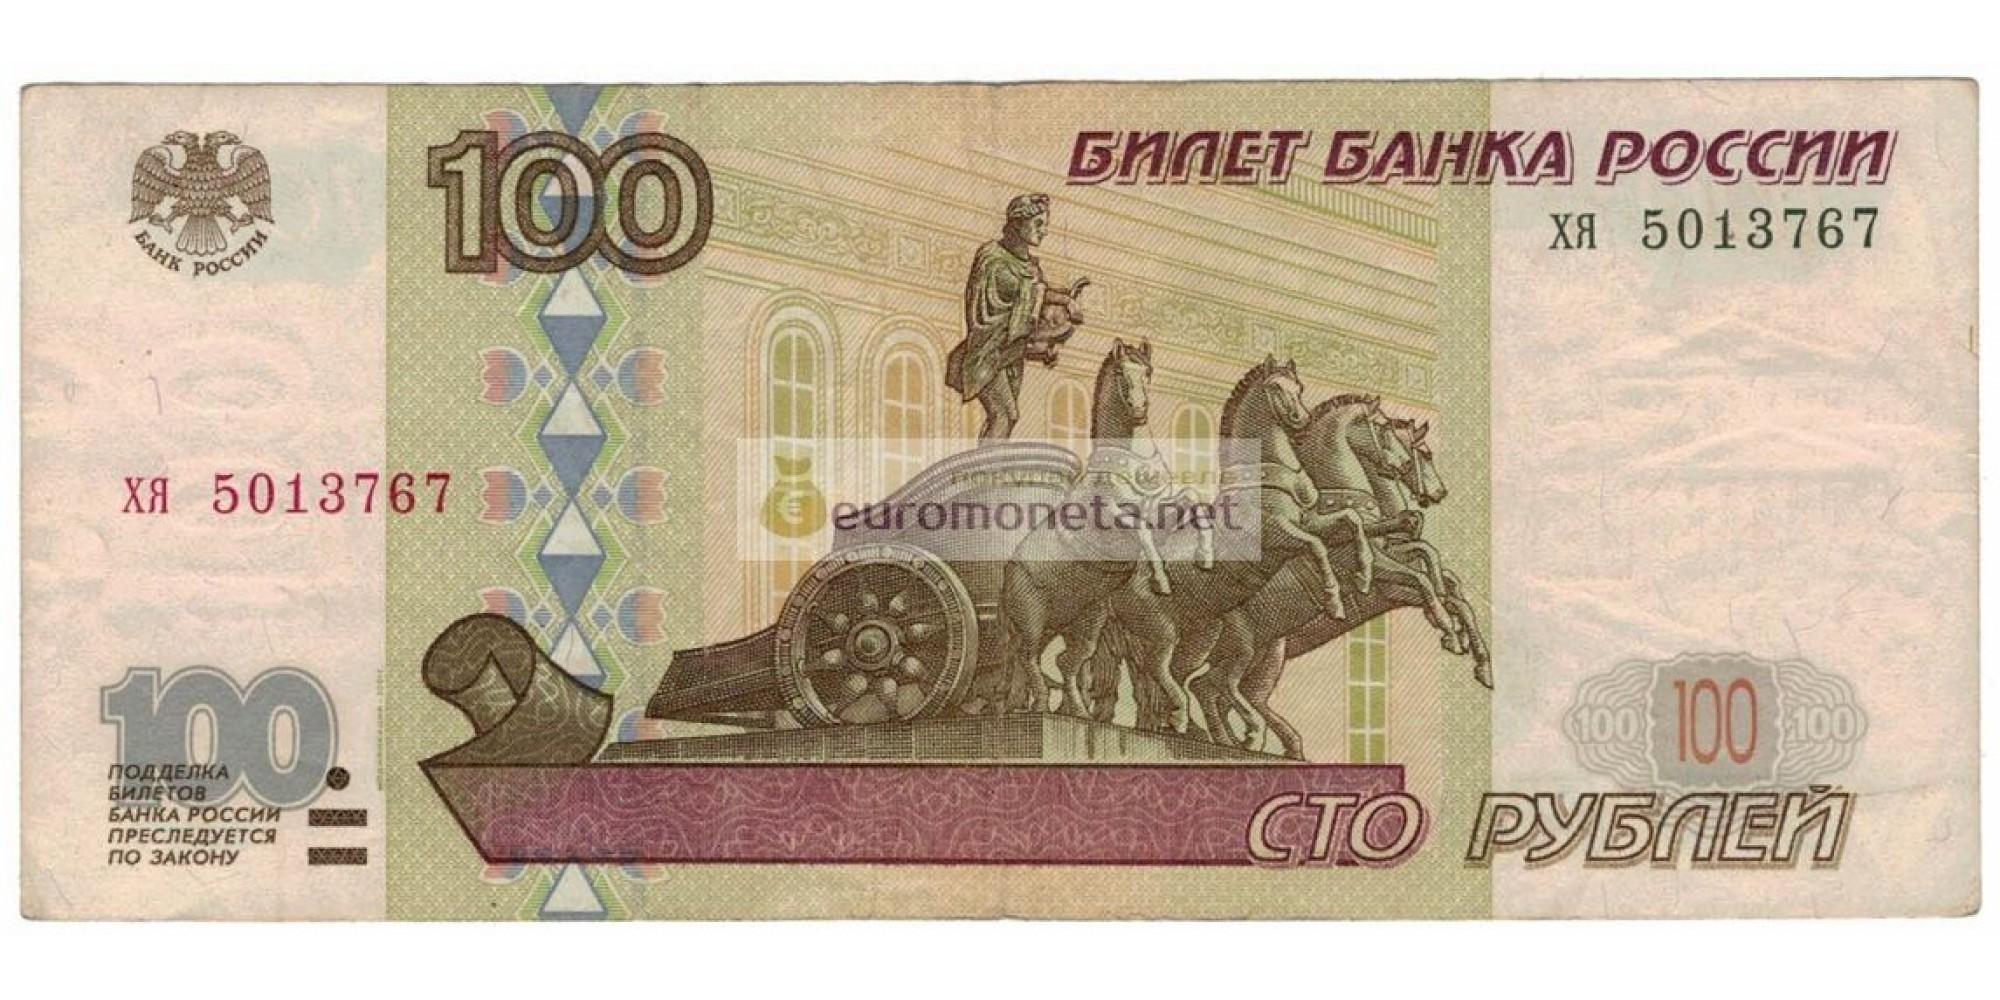 Россия 100 рублей 1997 год модификация 2001 год серия хя 5013767